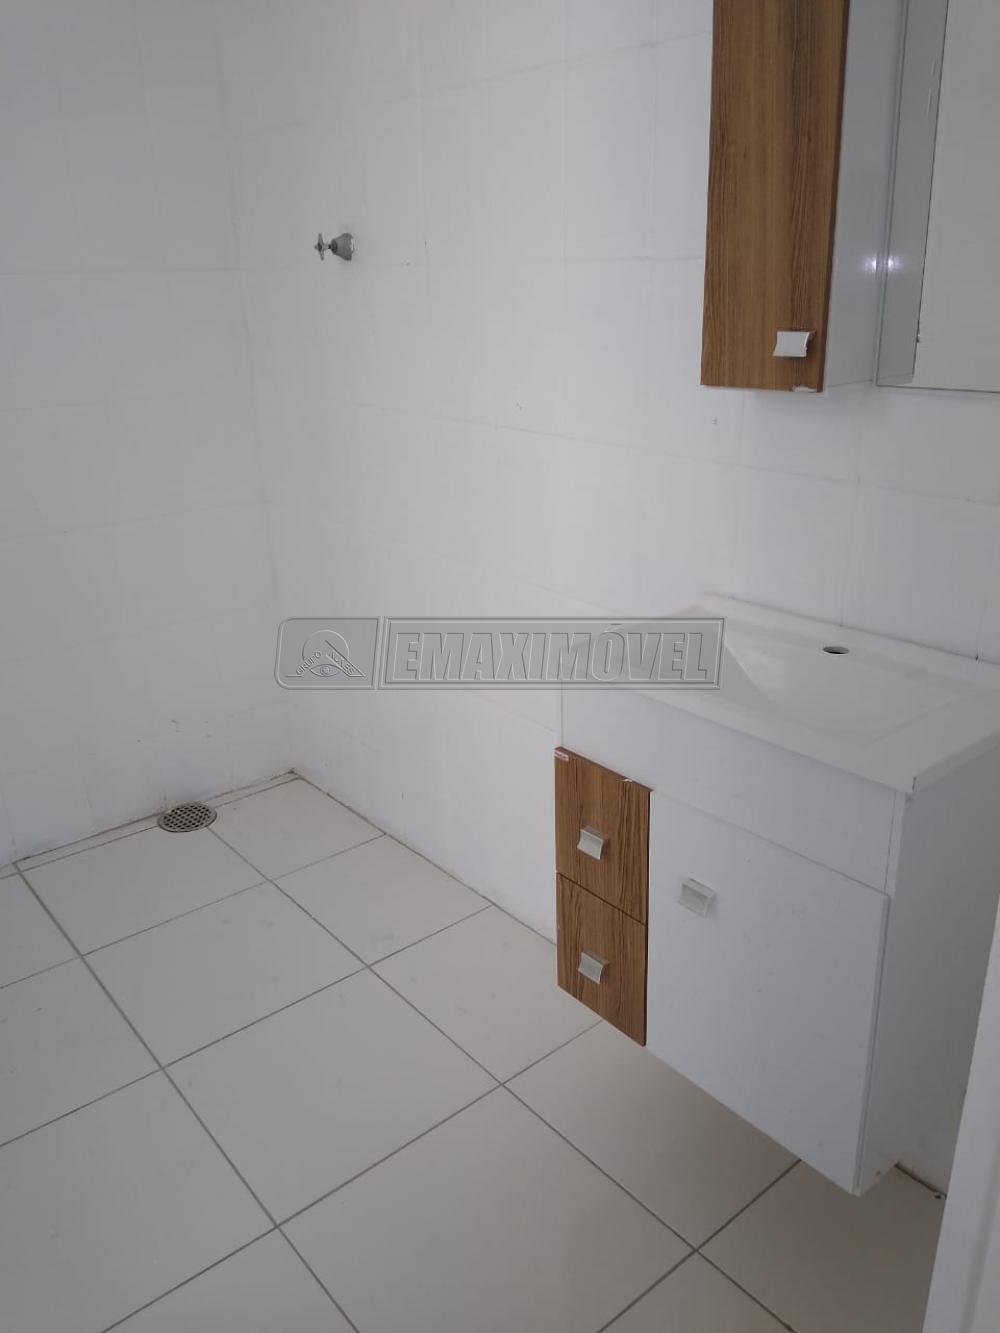 Alugar Casas / Comerciais em Sorocaba apenas R$ 1.400,00 - Foto 14